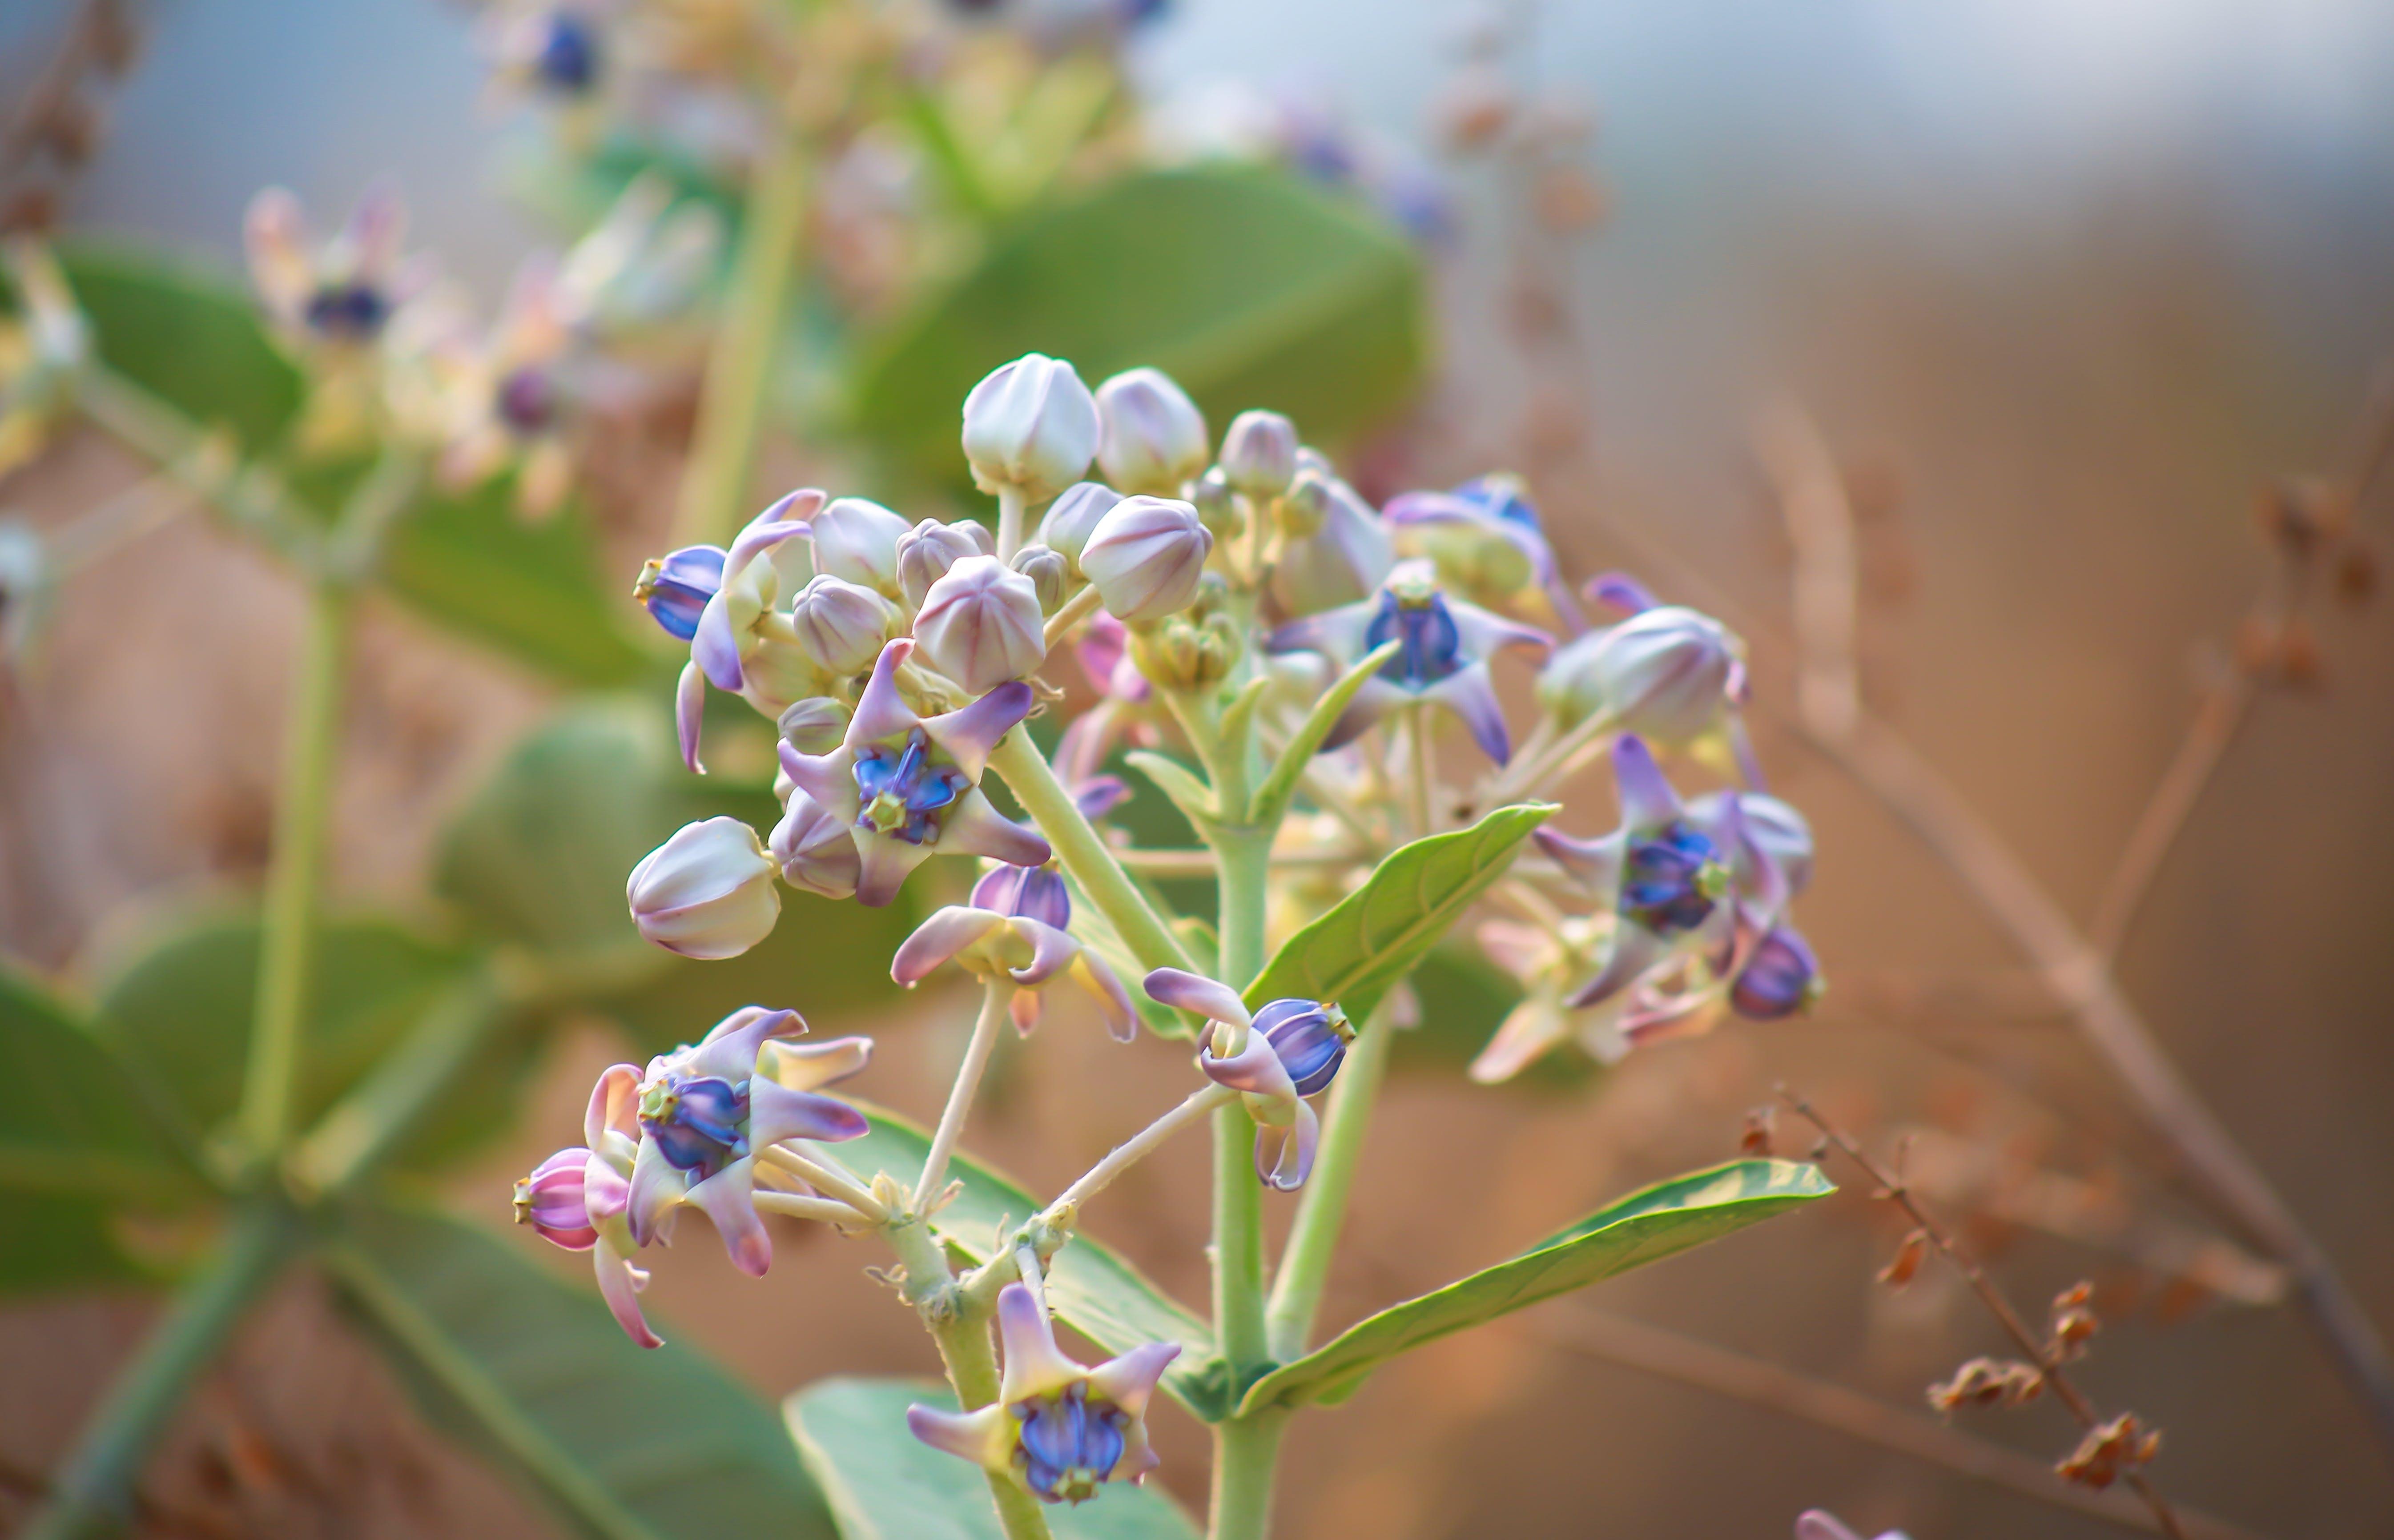 clarity, pink flower, purple flower